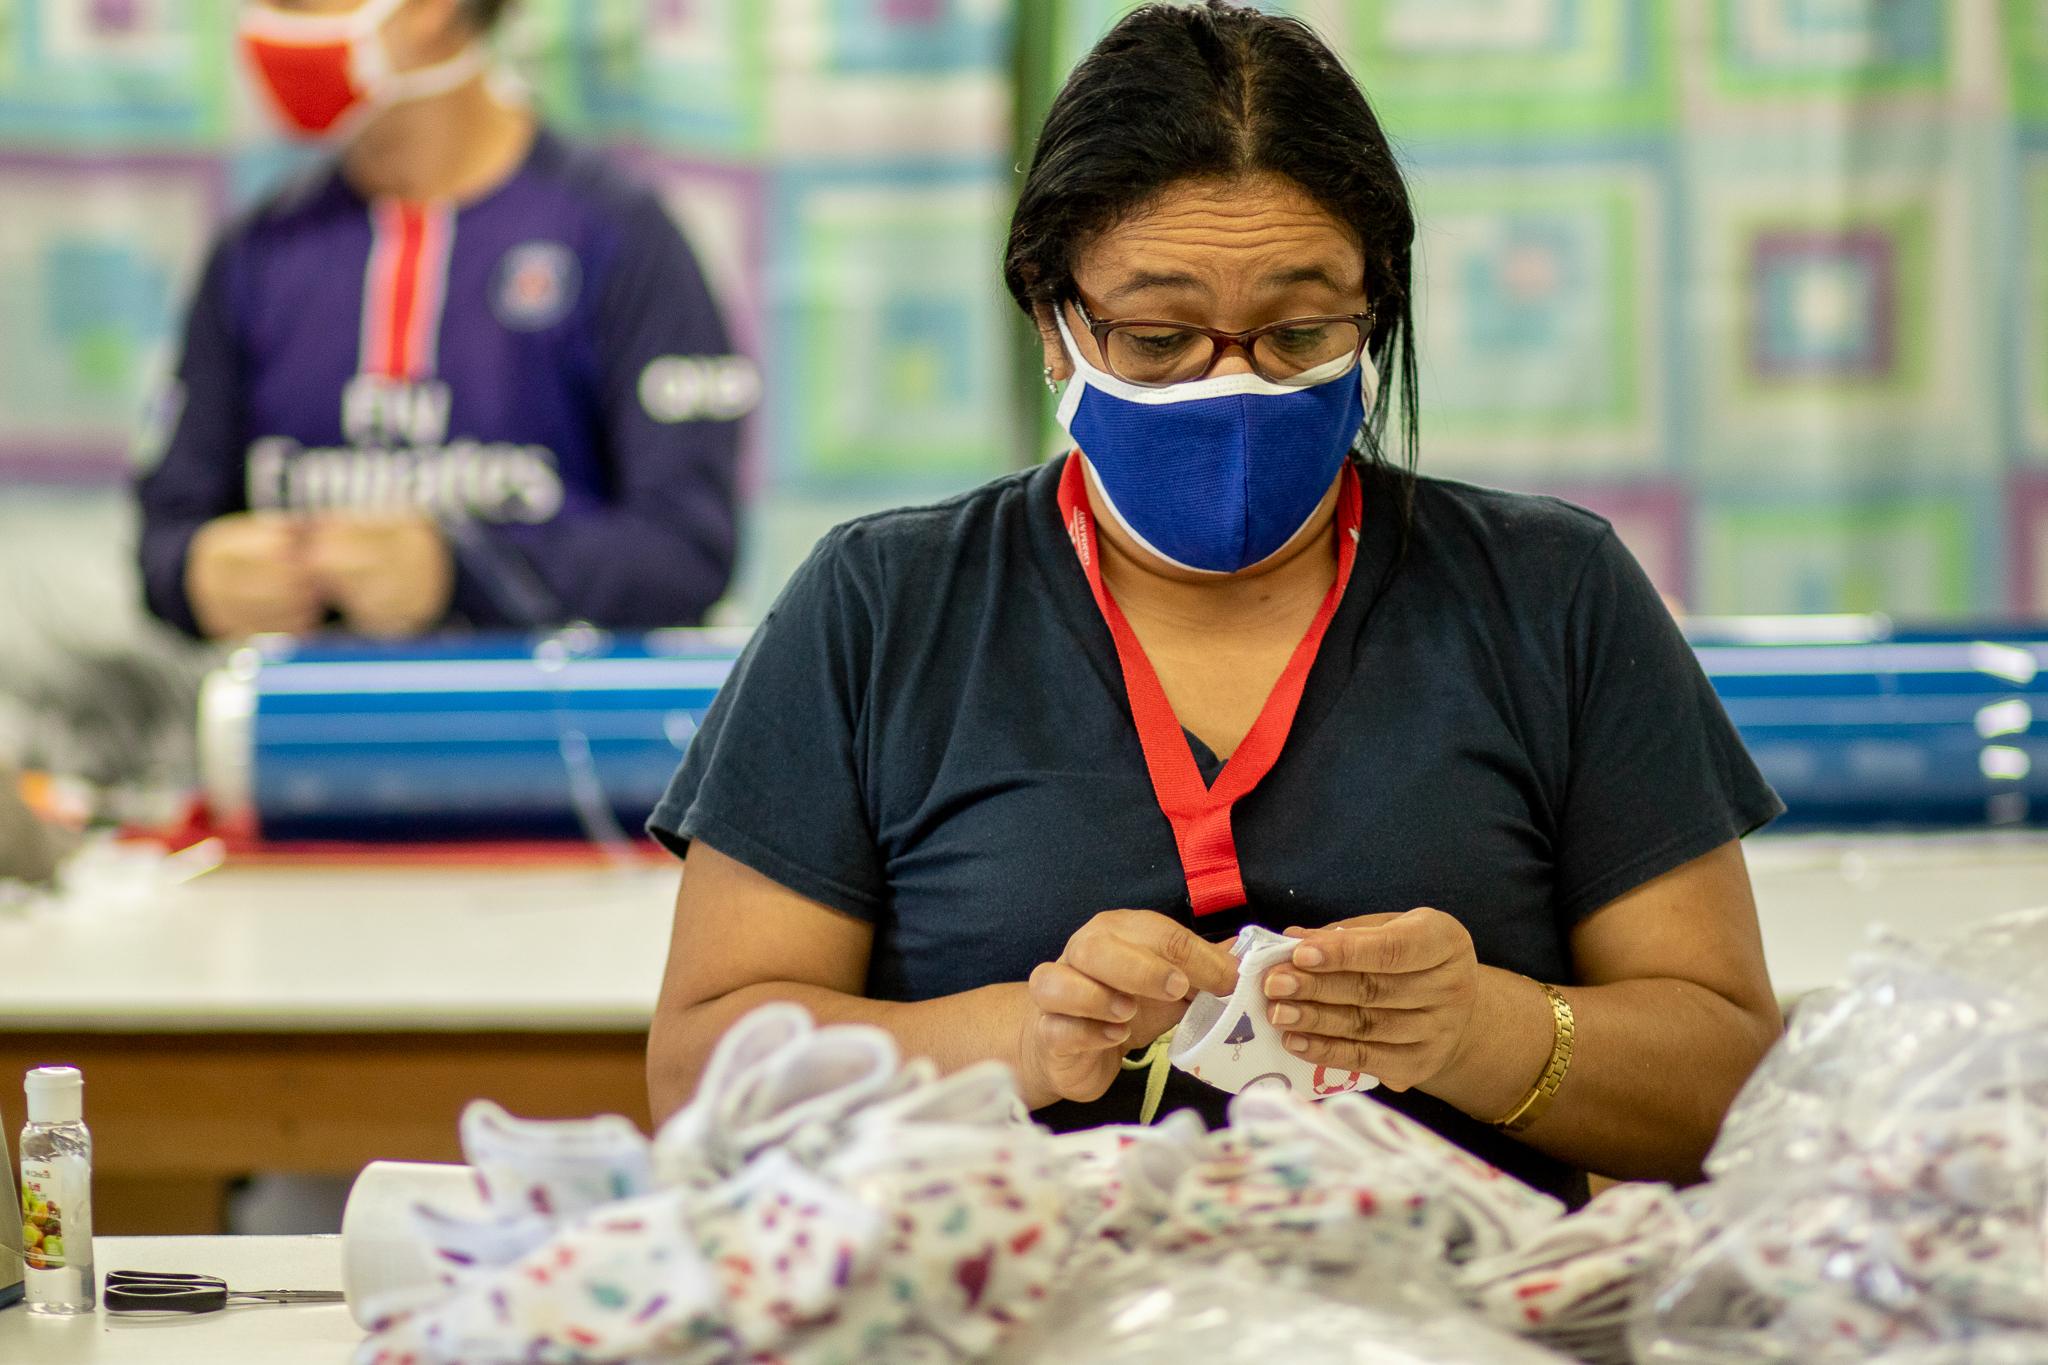 Pymes proveedoras de Walmart registran cifras positivas pese a la pandemia